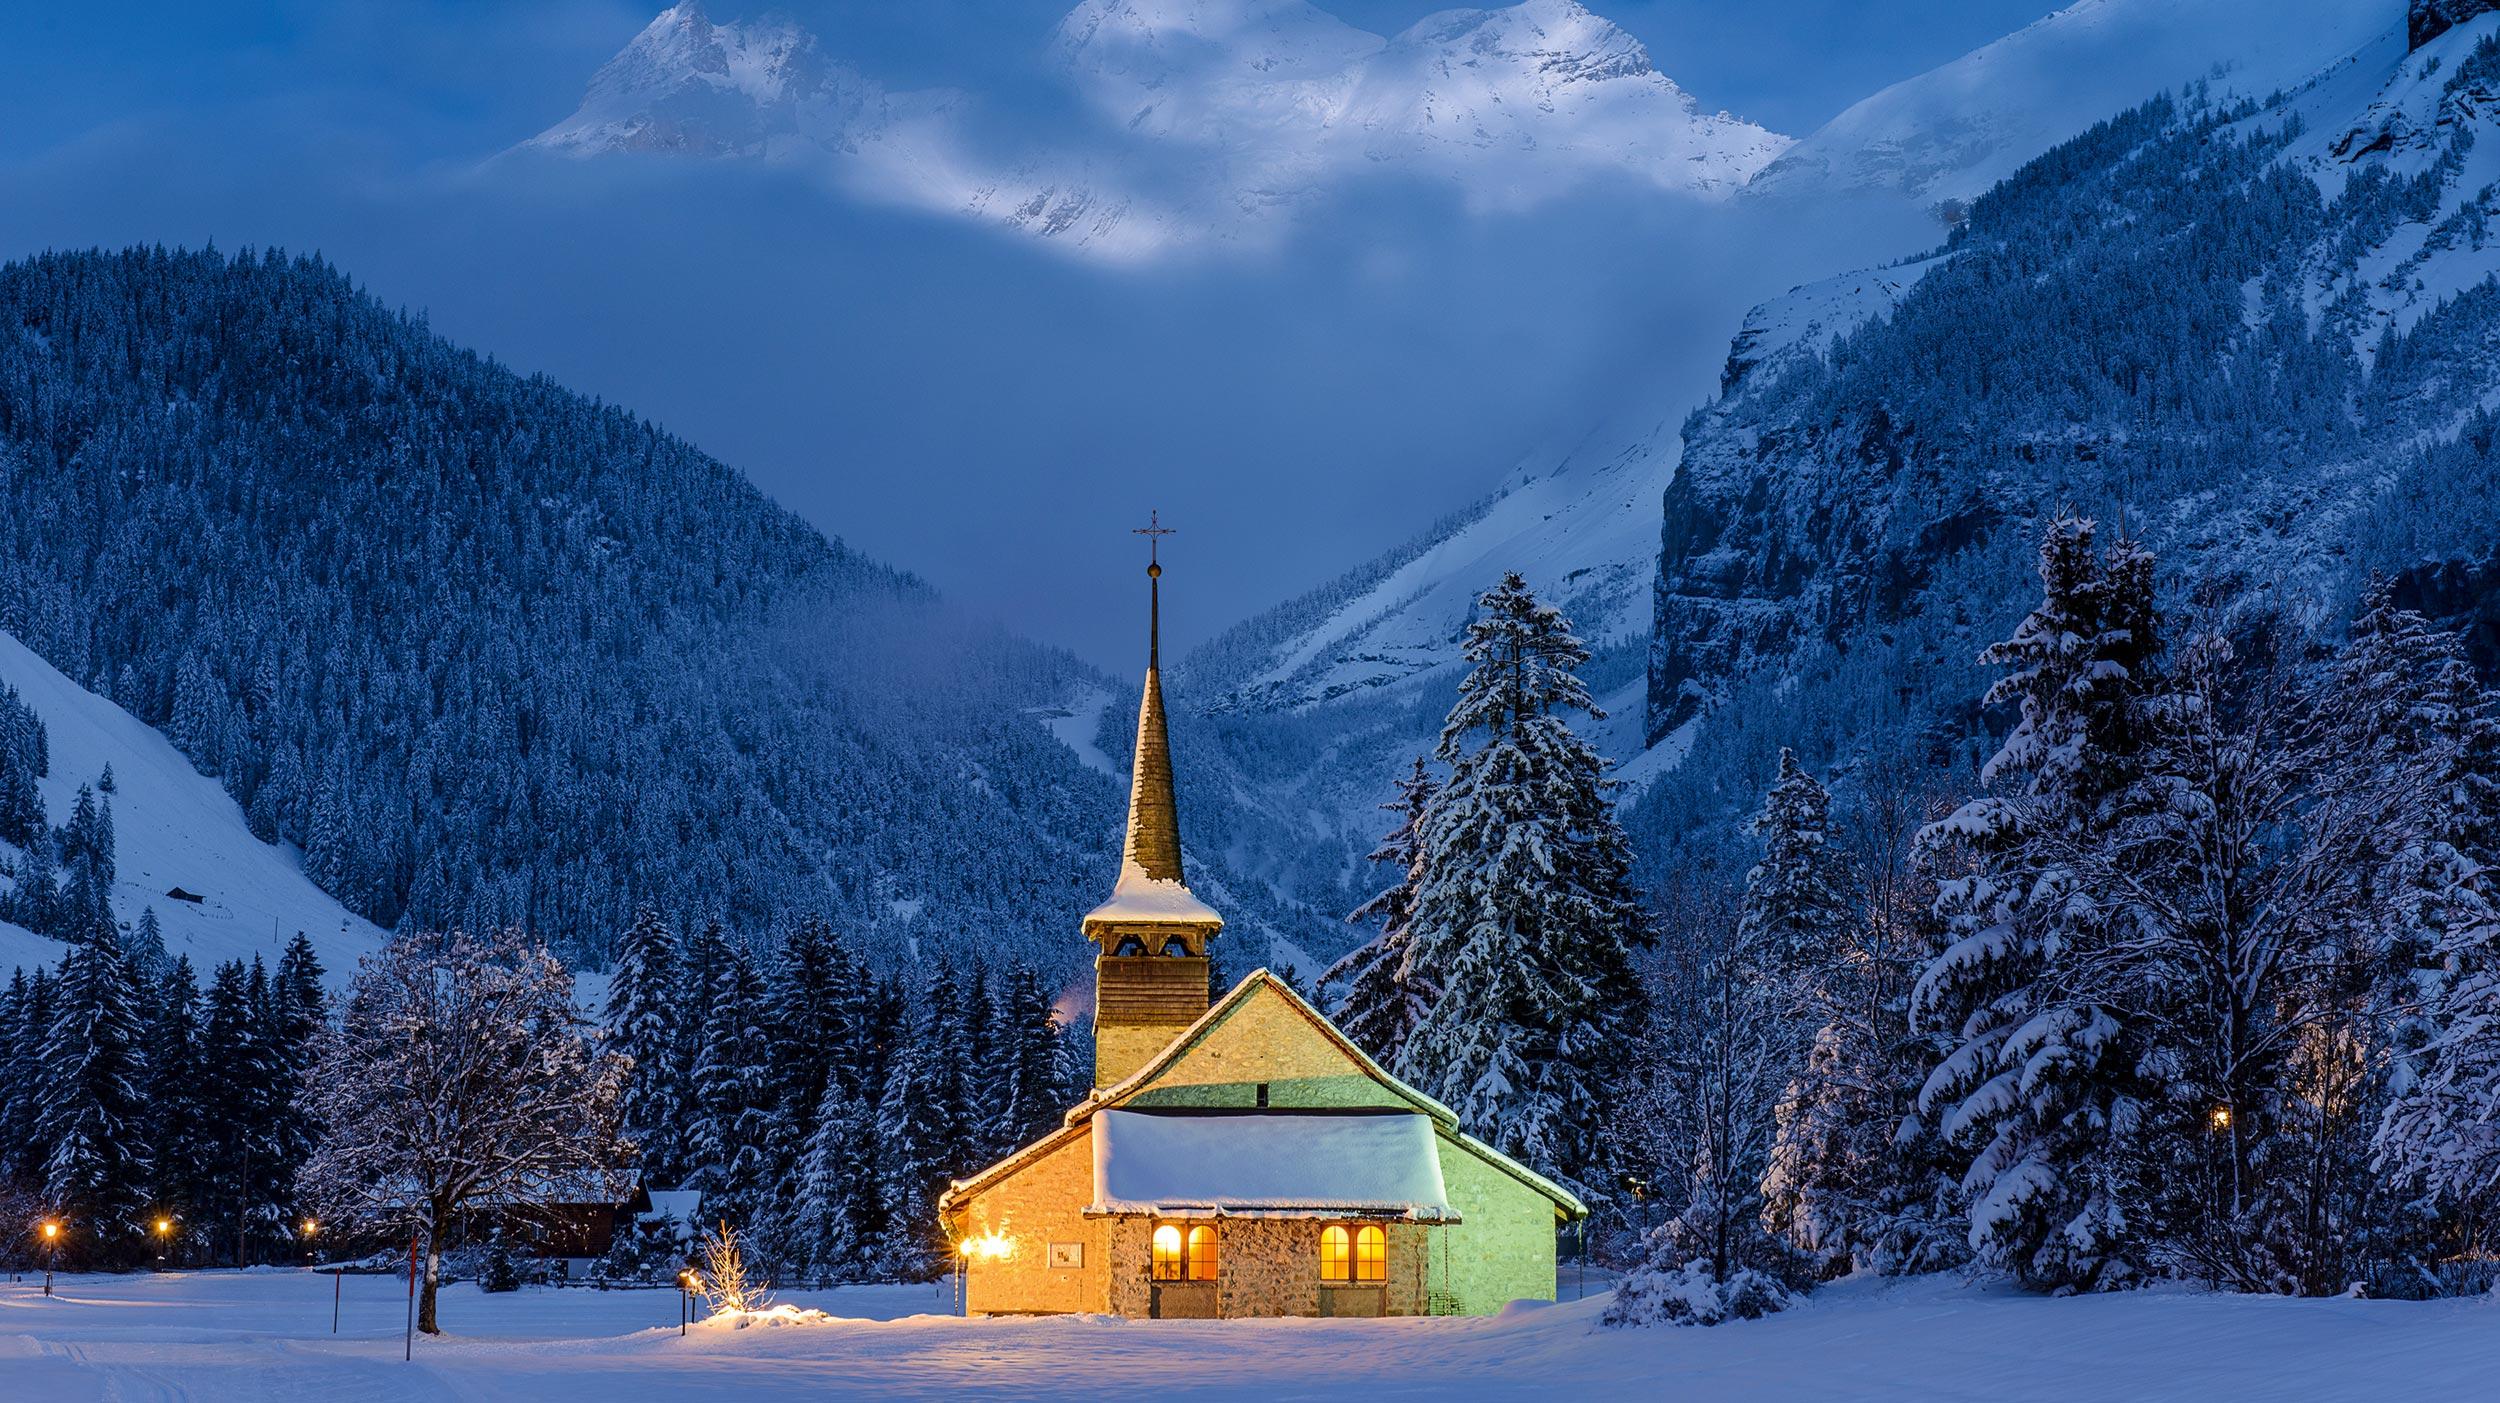 Winterwunderland in Eis und Schnee